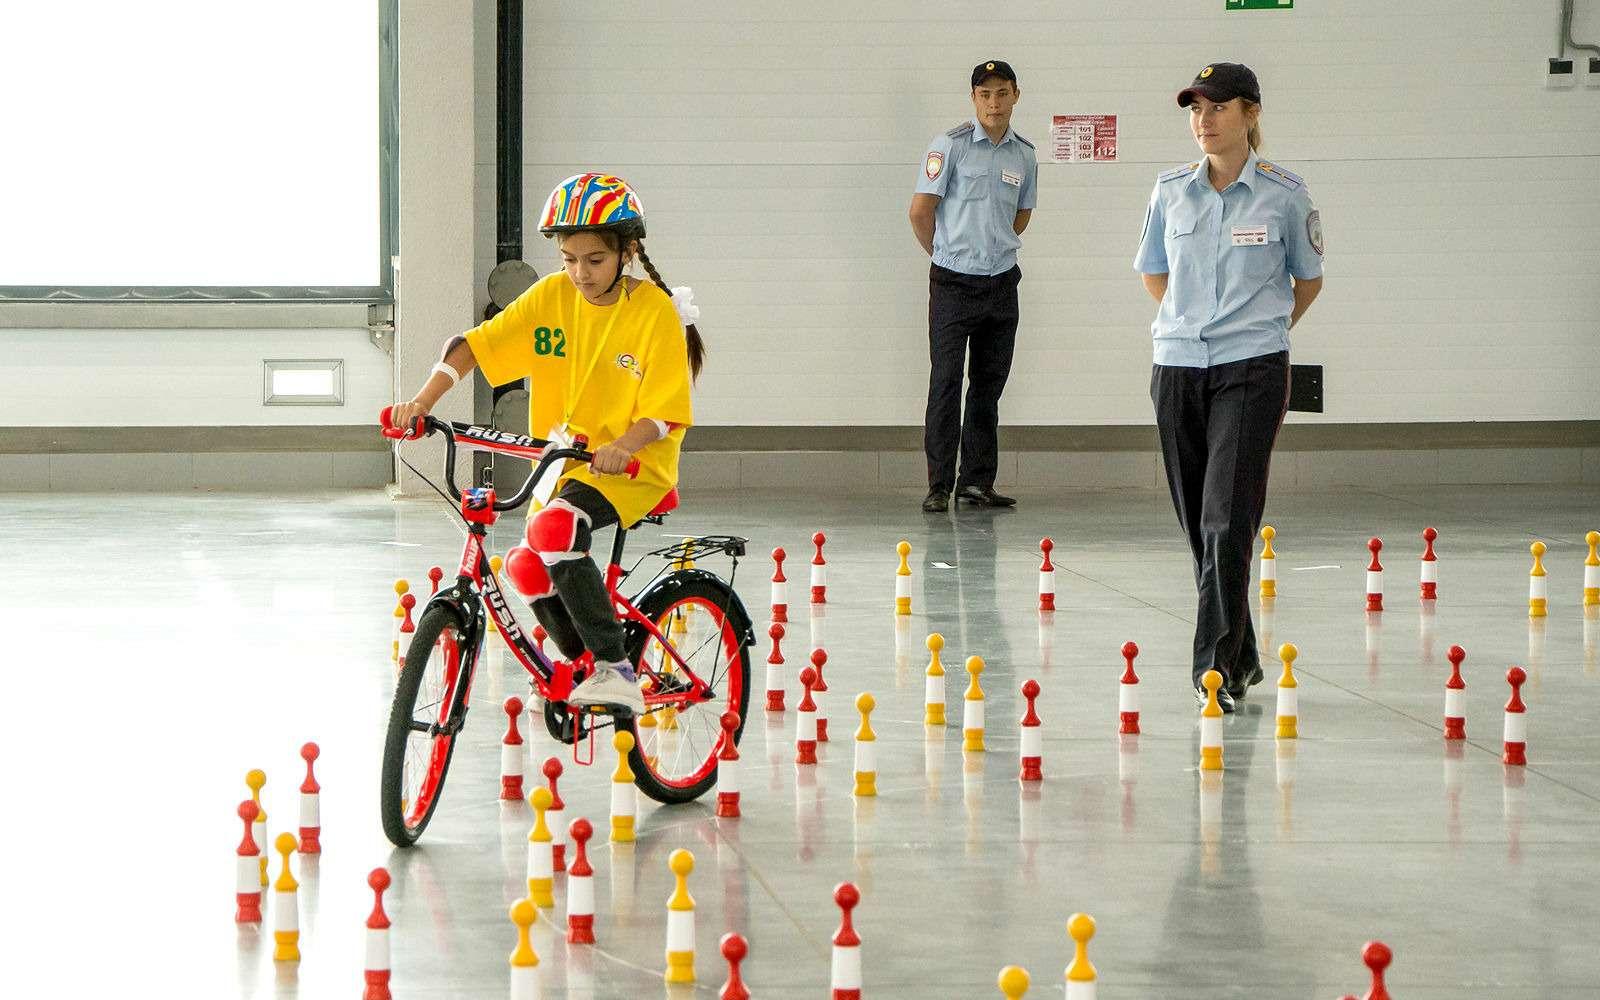 «Безопасное колесо» - победители названы - фото 980207